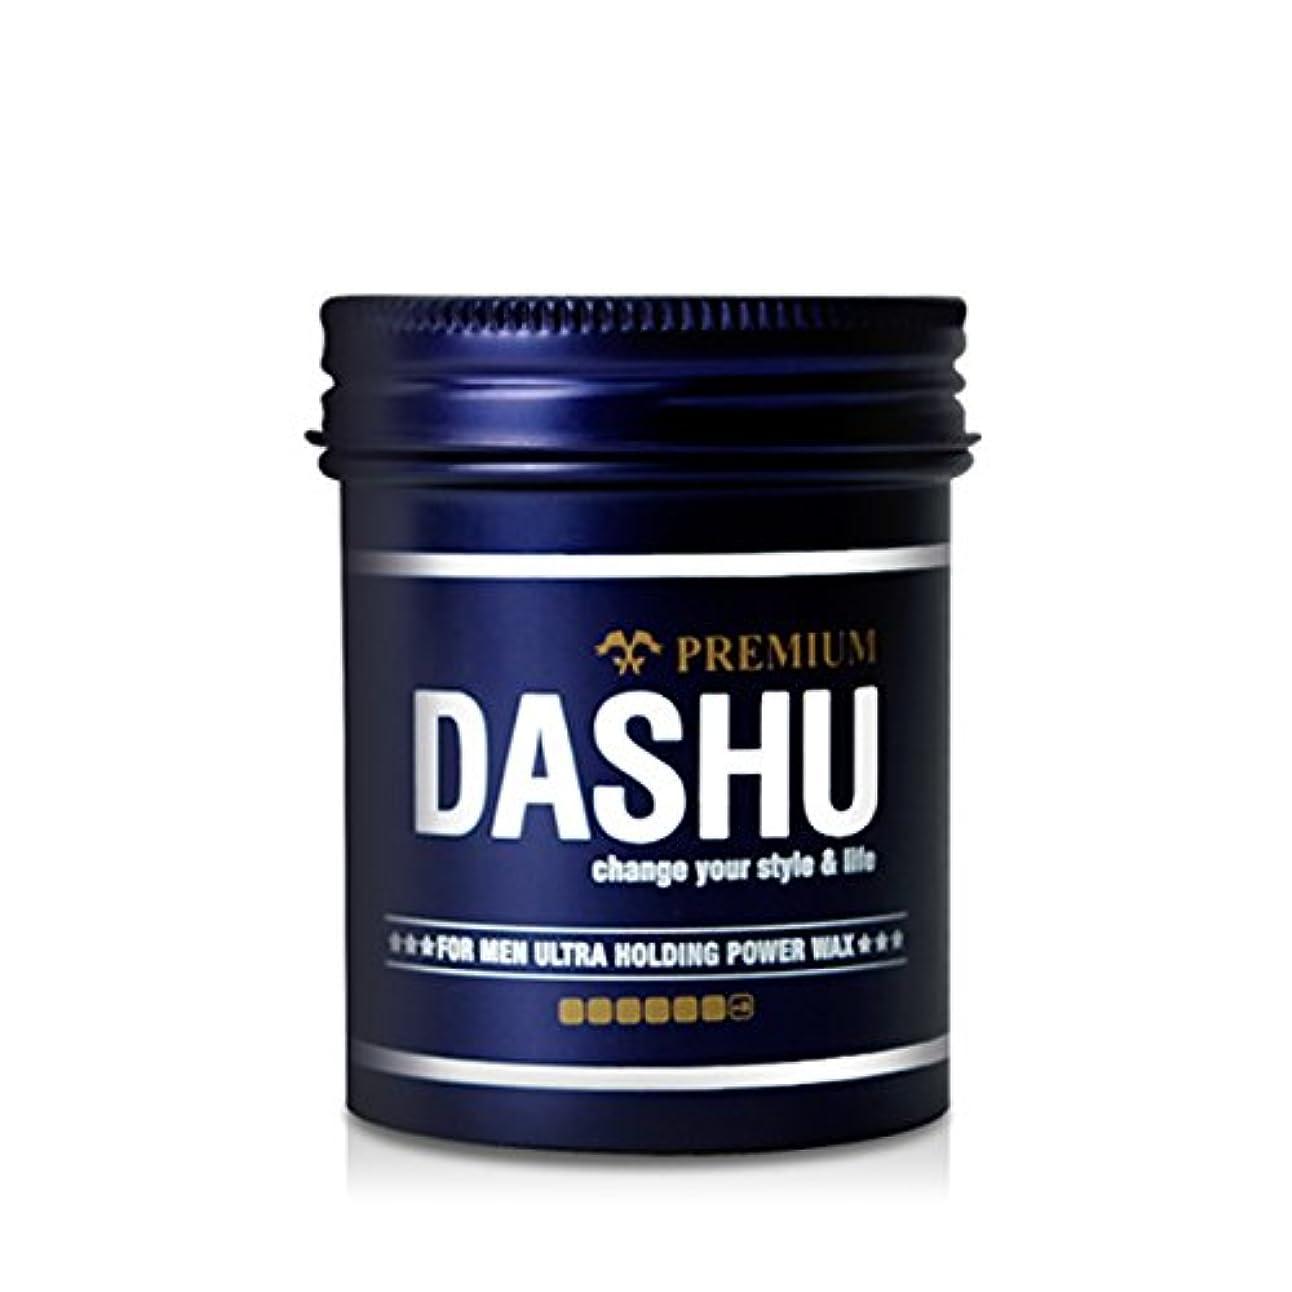 モスクローゼット無謀[DASHU] ダシュ For Men男性用 プレミアムウルトラホールディングパワーワックス Premium Ultra Holding Power Hair Wax 100ml/ 韓国製 . 韓国直送品